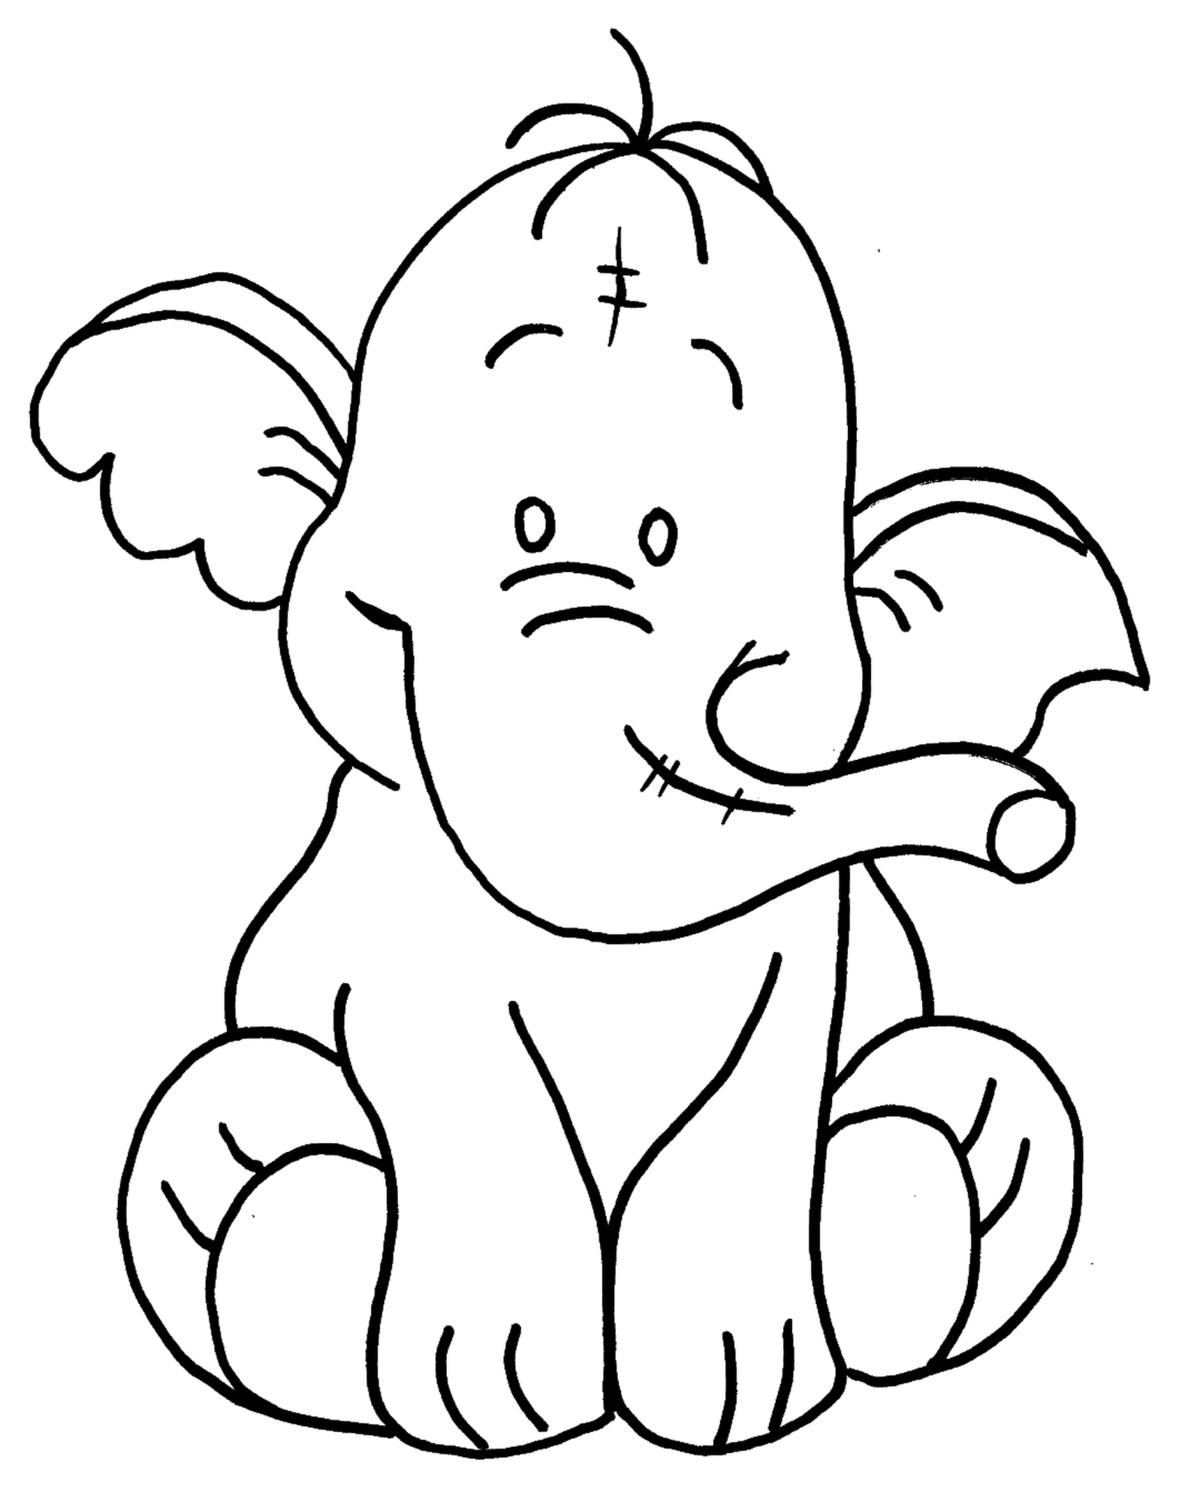 раскраска слоники распечатать картинки планки